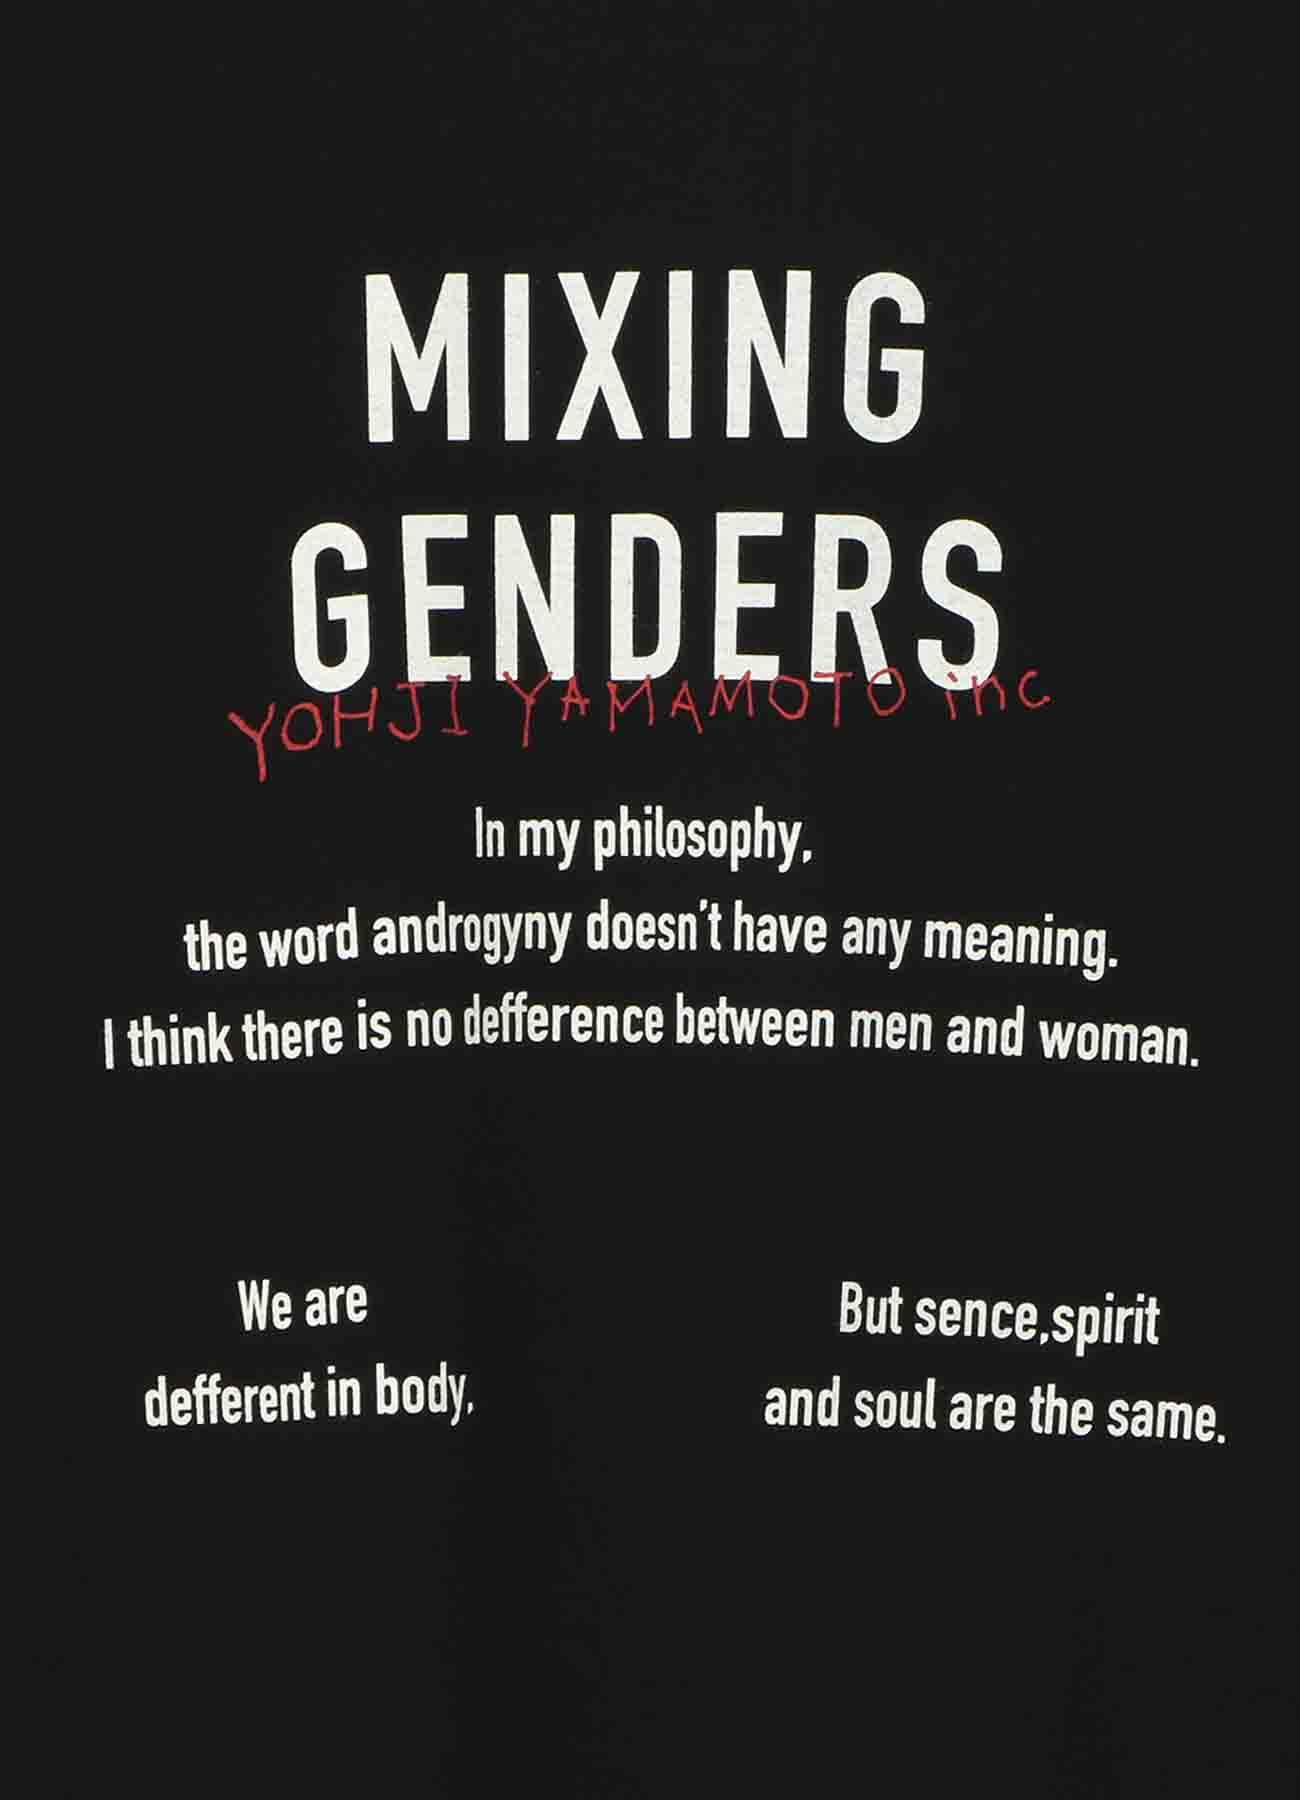 """山本耀司语录T恤""""MIXING GENDERS"""""""